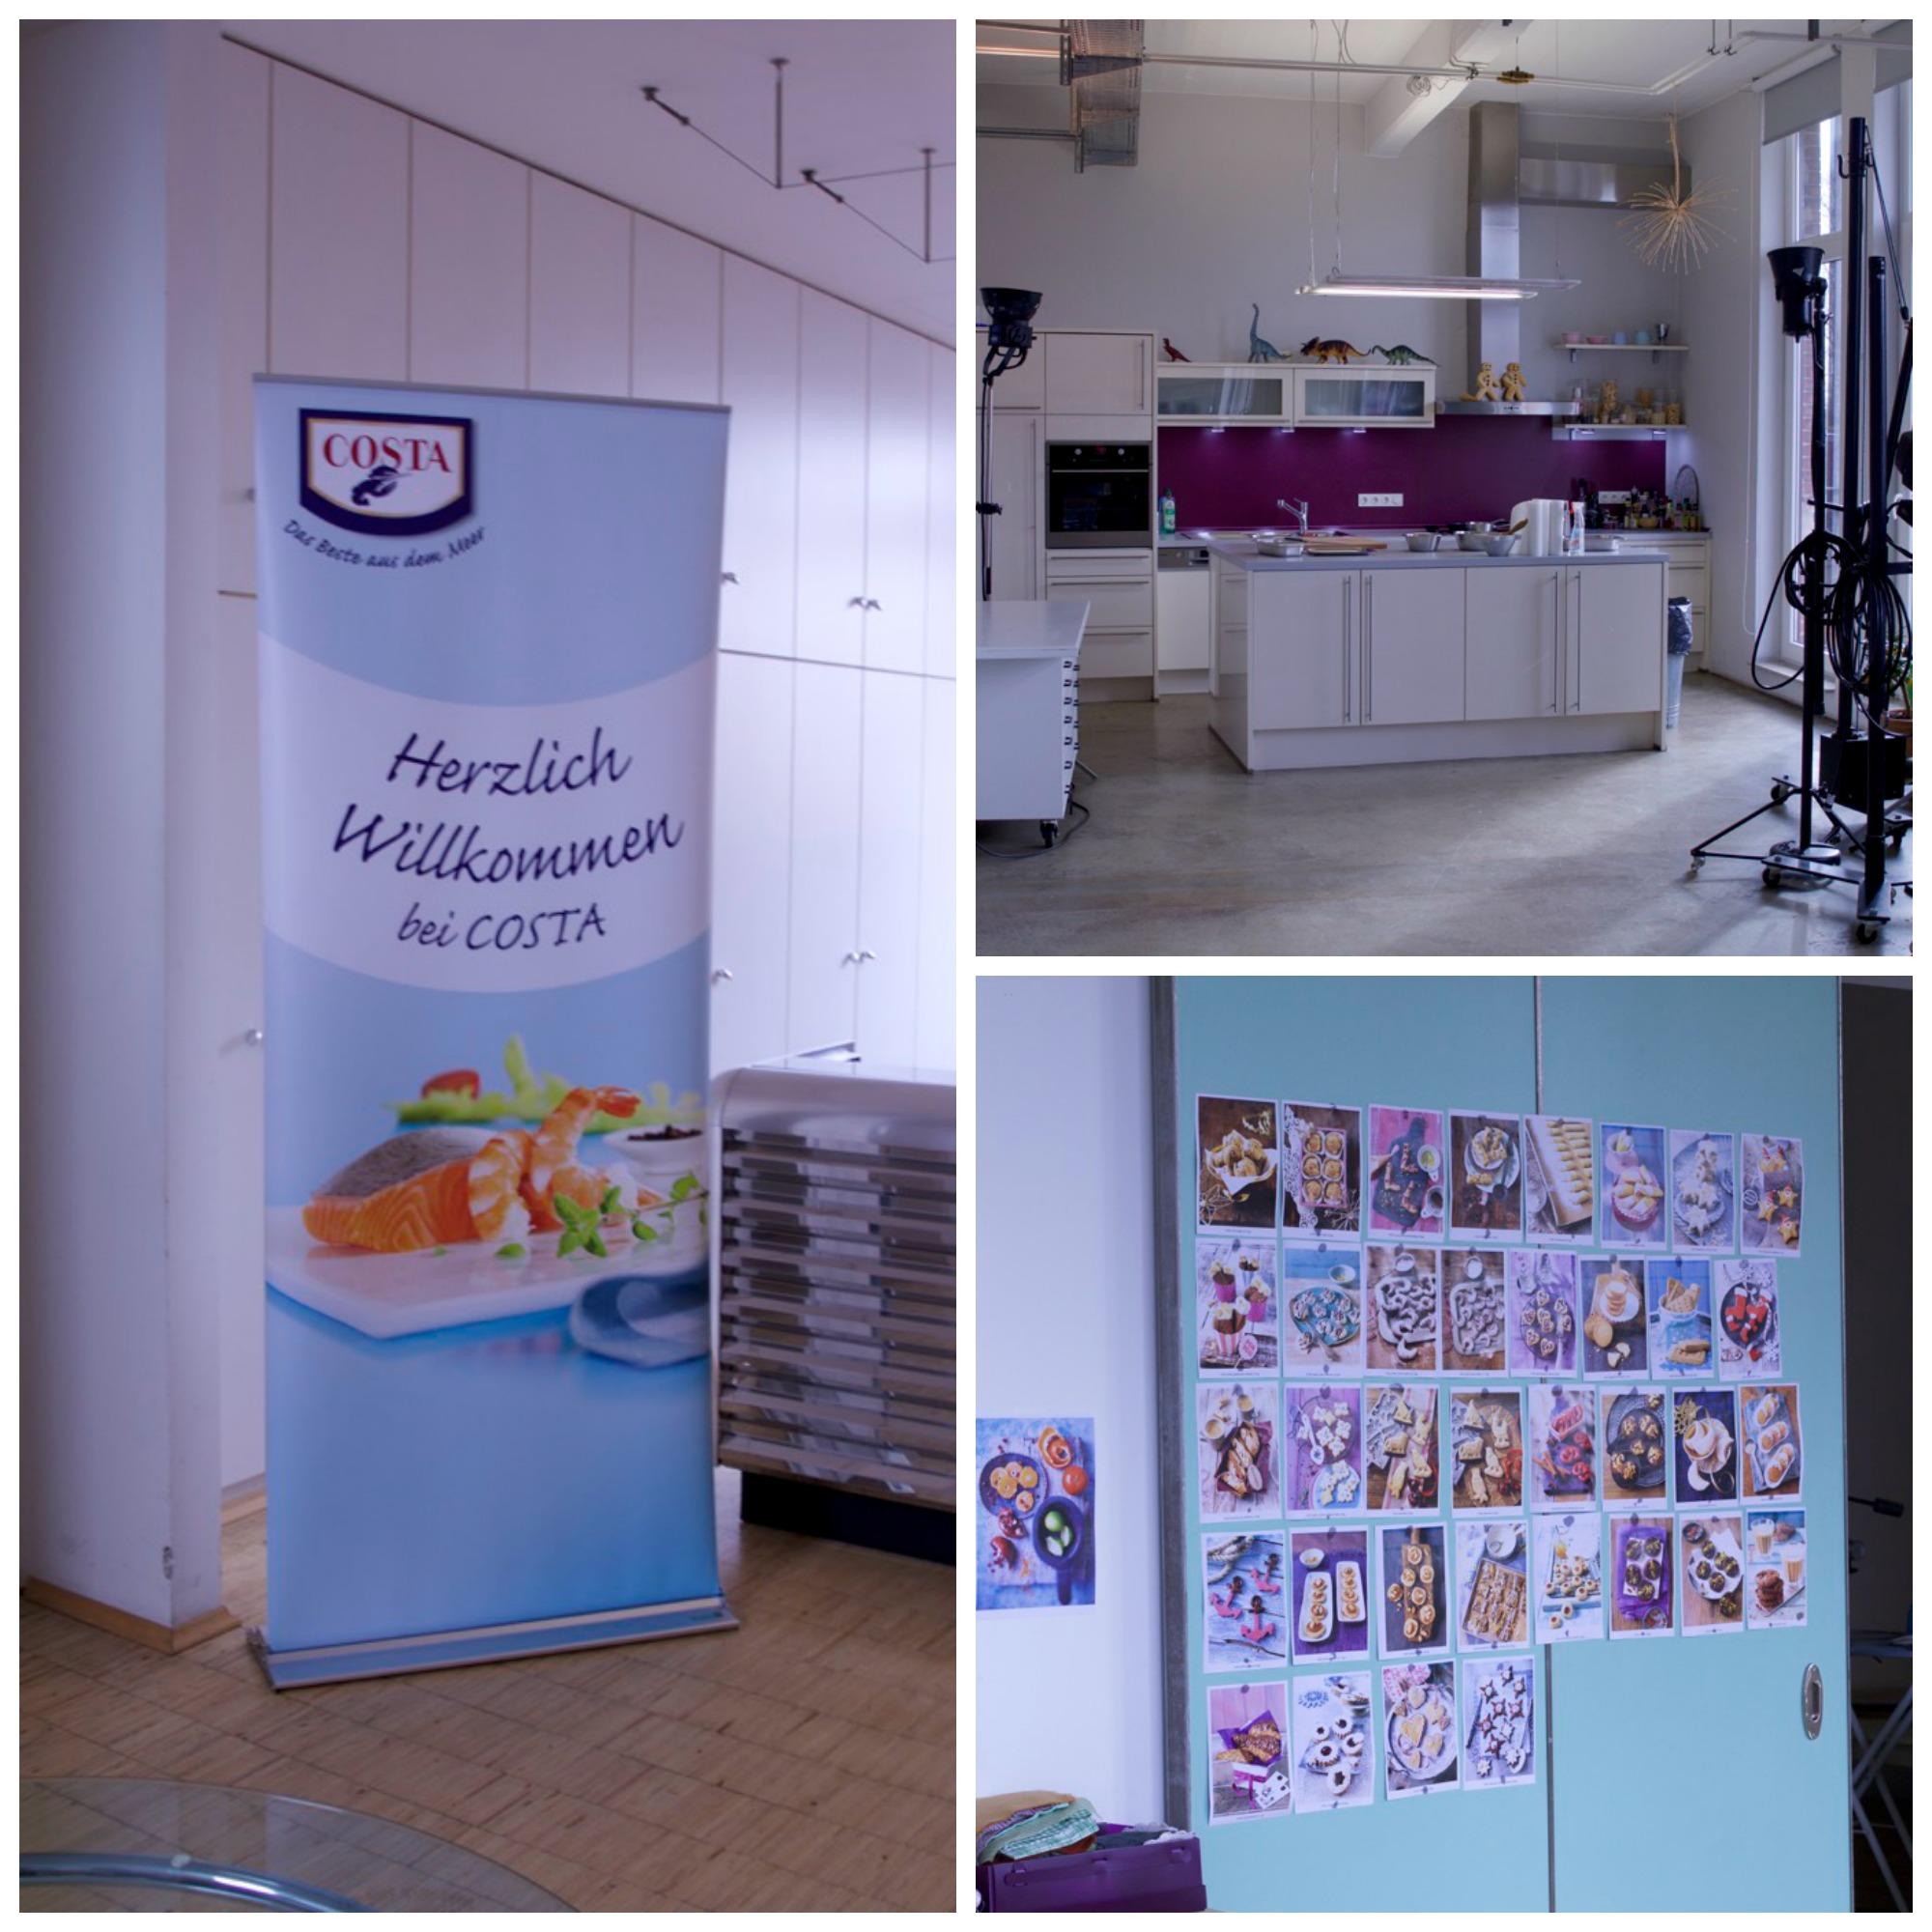 Küche und Studio der Costa Garnelenschule Hamburg